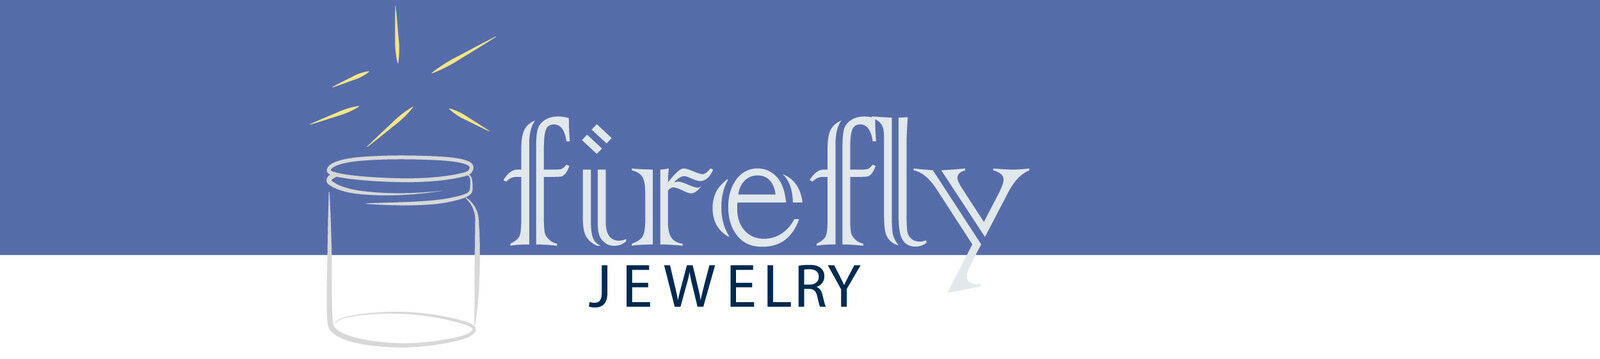 fireflyjewelry